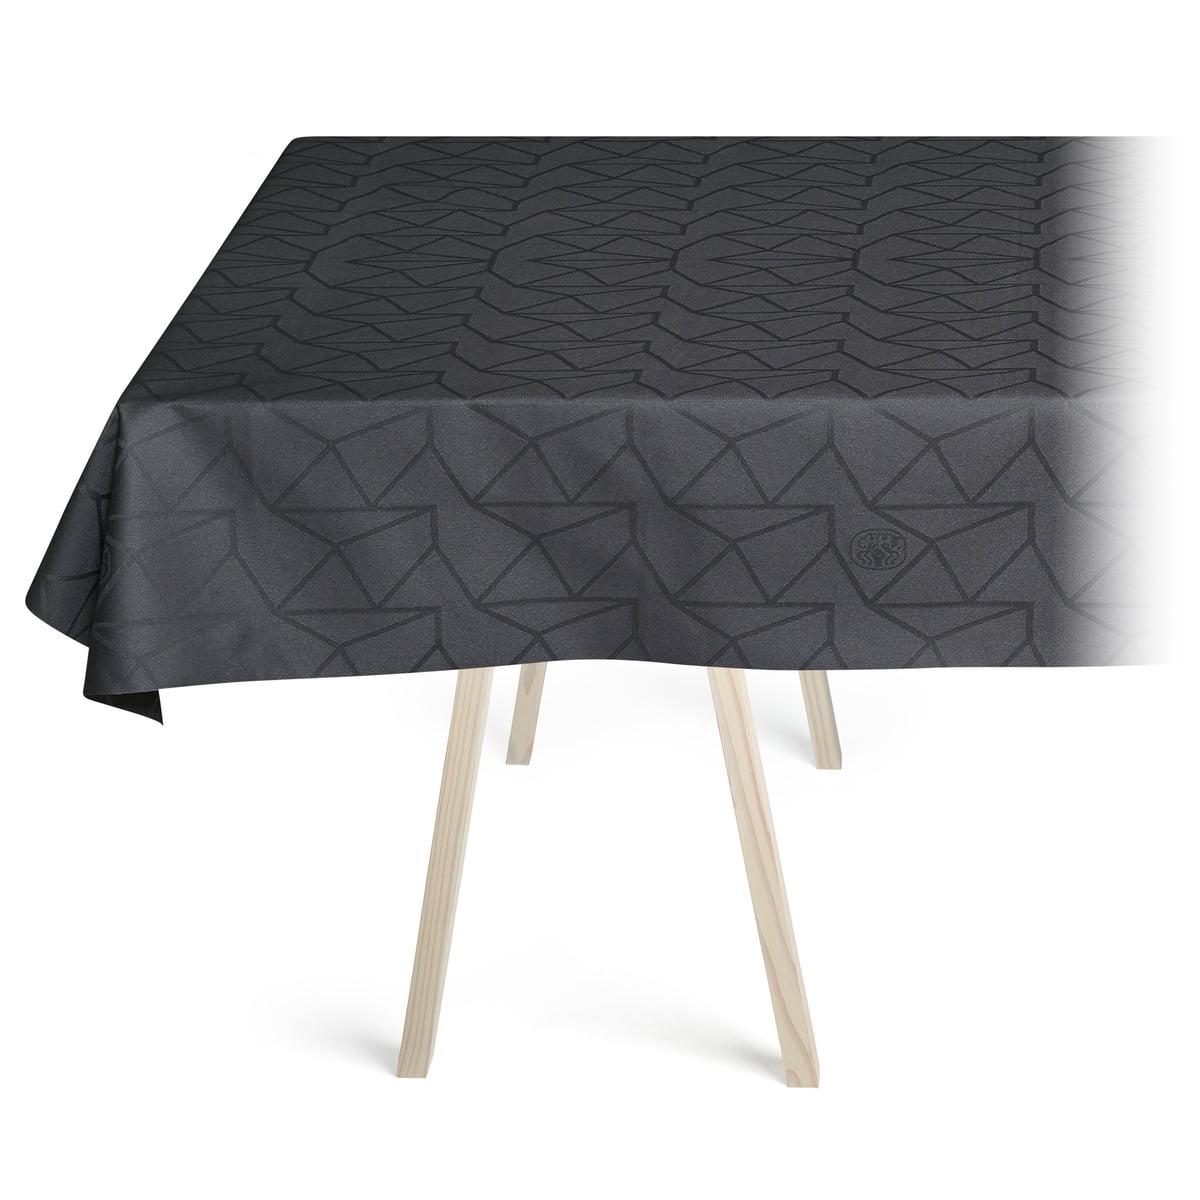 arne jacobsen tischdecke von georg jensen damask. Black Bedroom Furniture Sets. Home Design Ideas